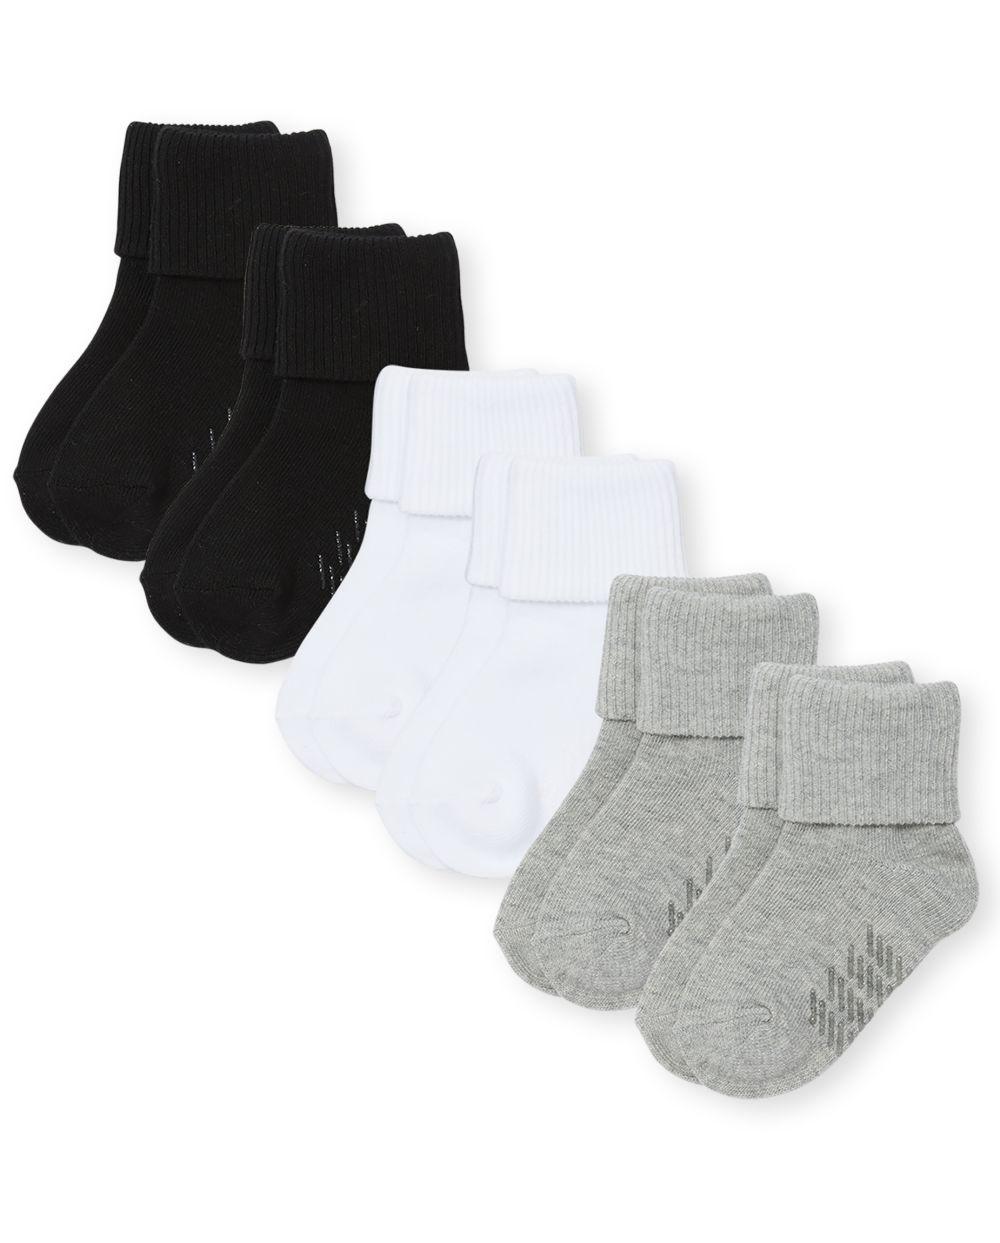 Paquete de 6 calcetines unisex para bebés y niños pequeños con triple rollo